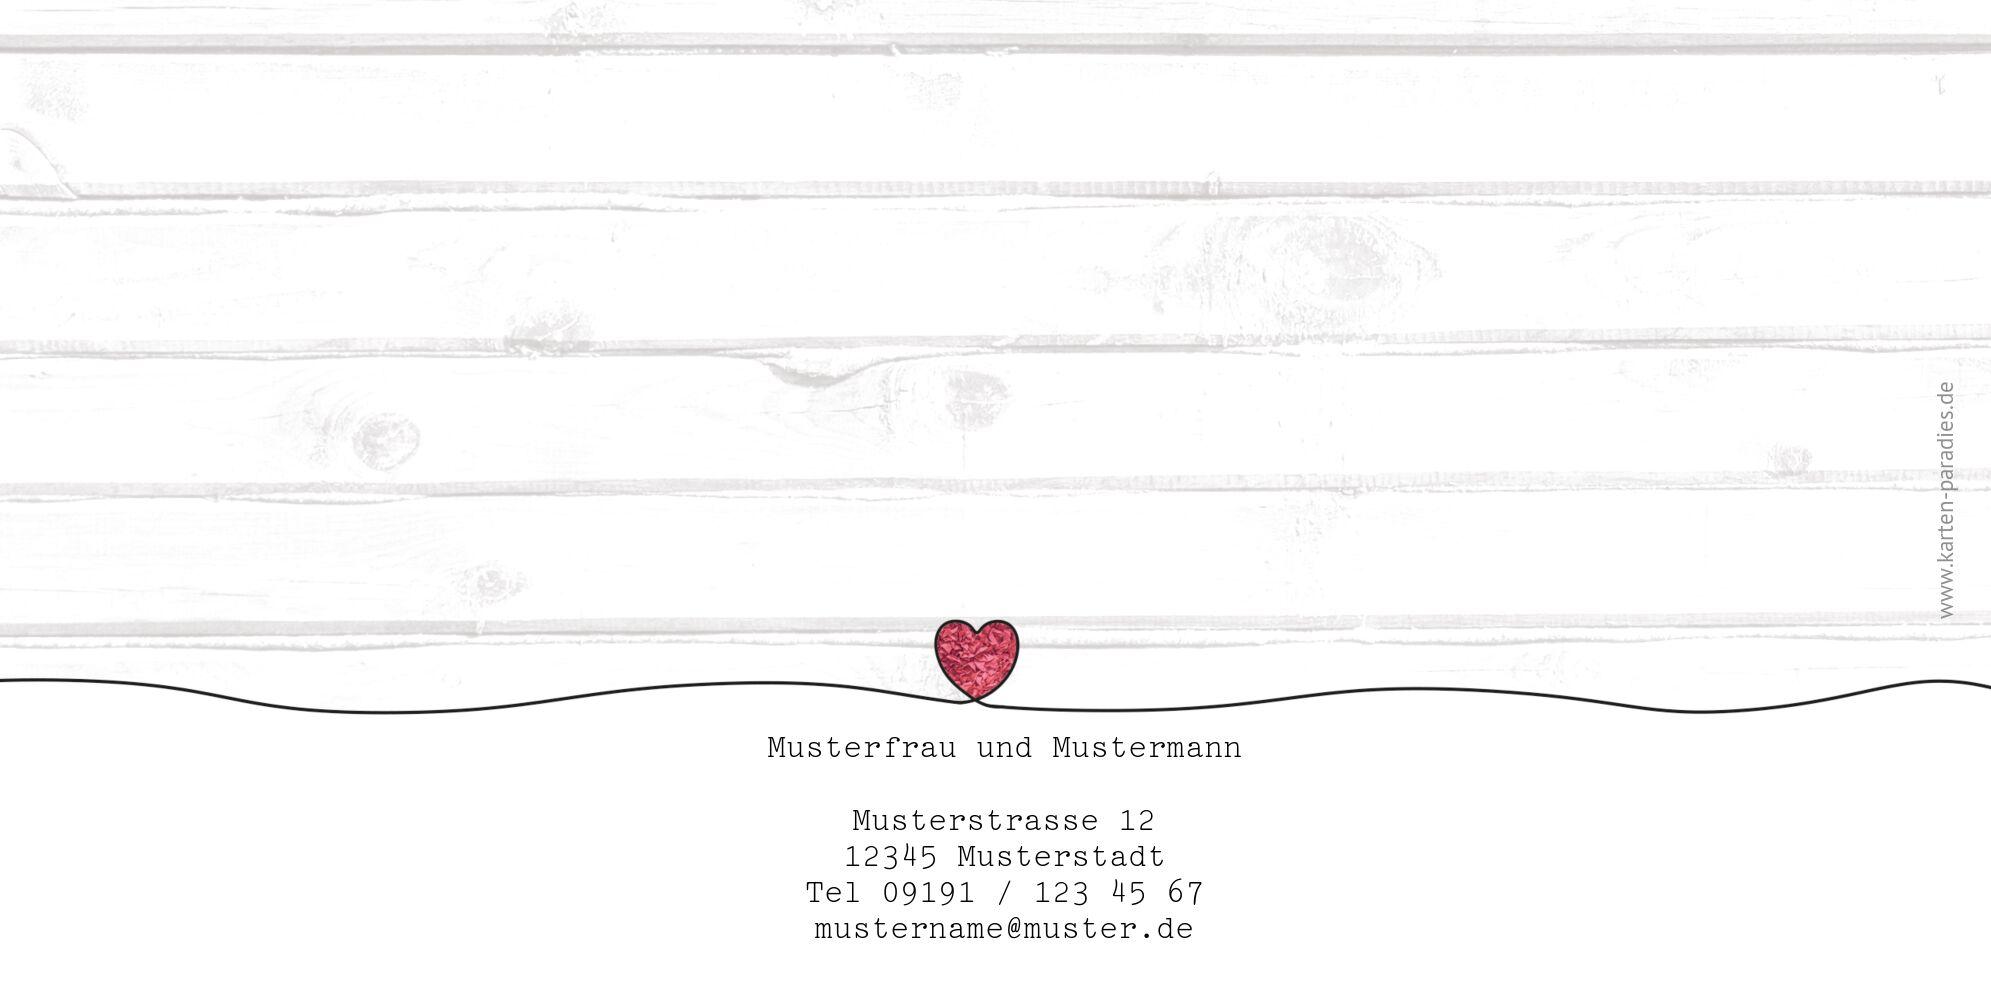 Ansicht 2 - Hochzeit Einladung Mr&Mrs